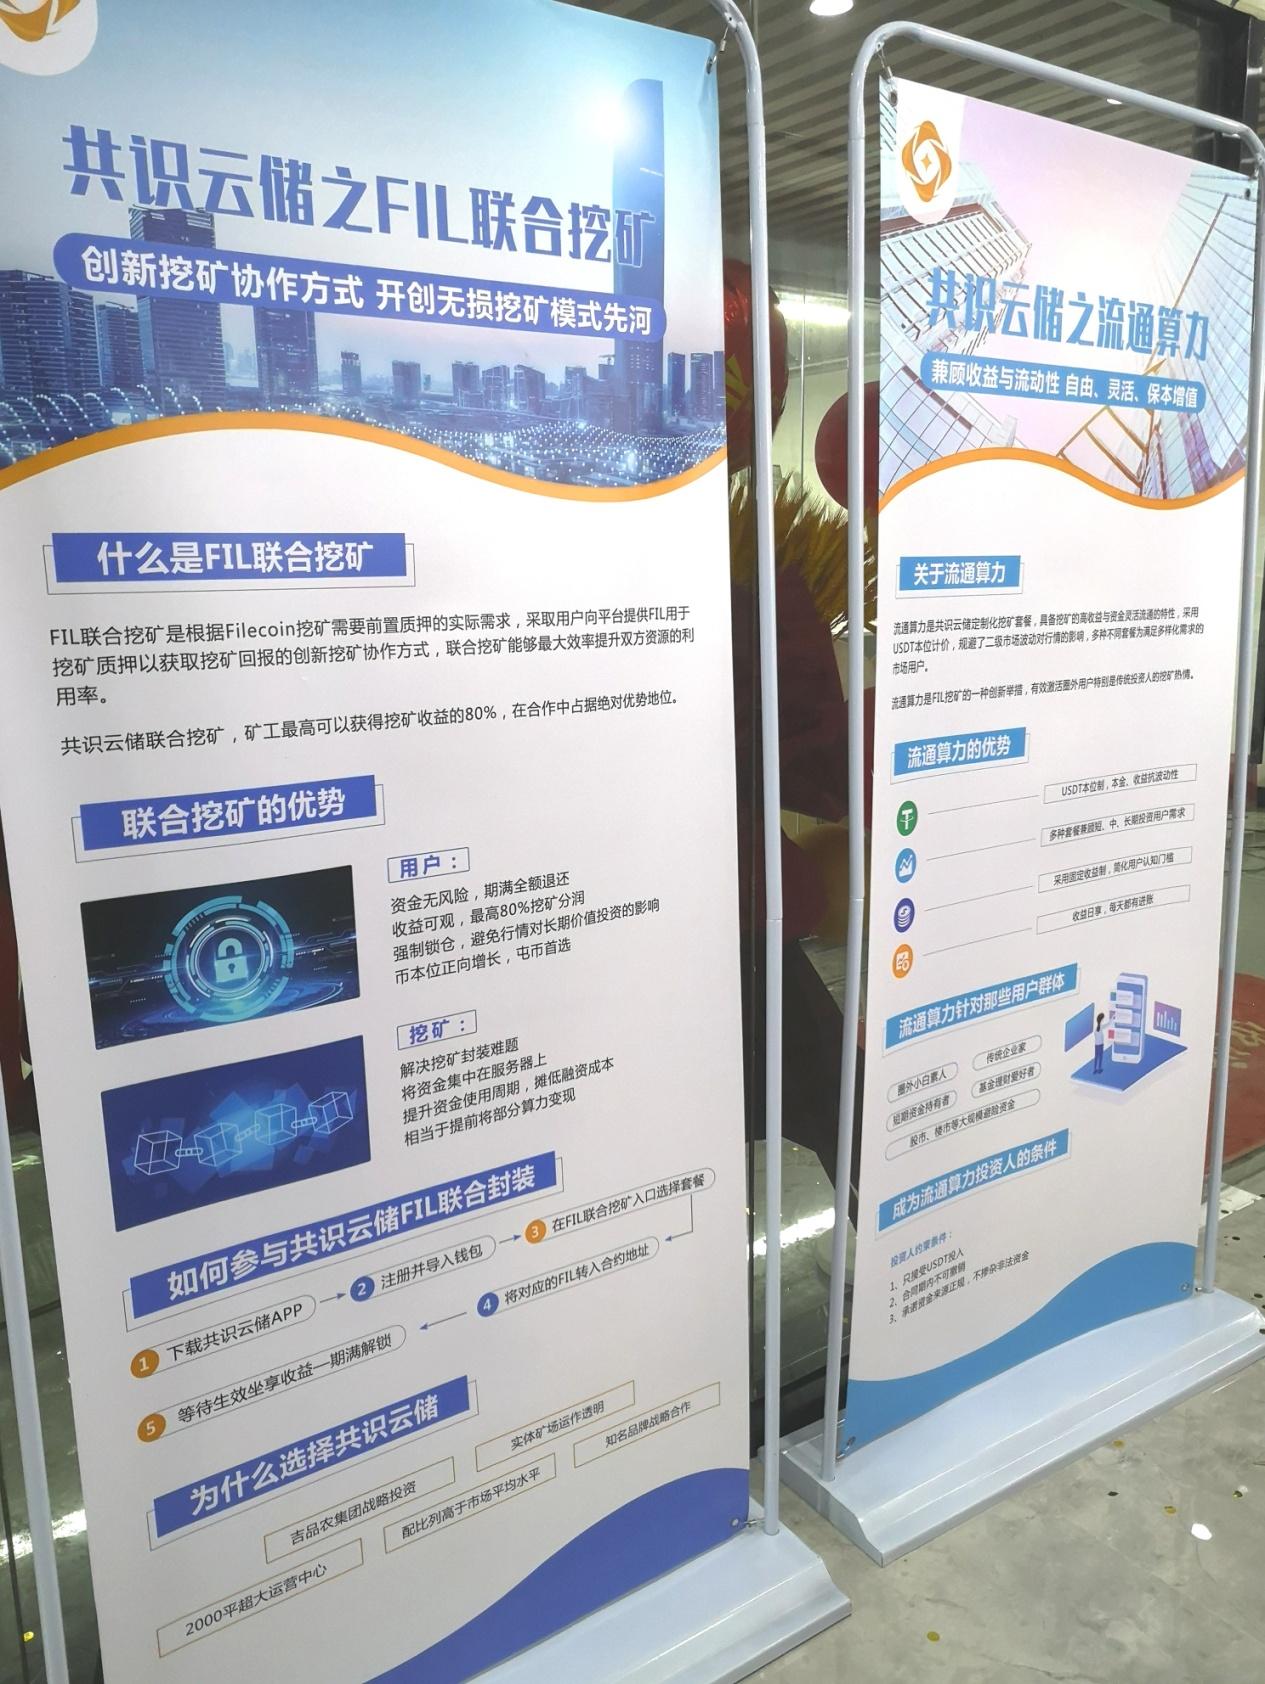 共识云储深圳宝安运营中心启动 吉品农打造分布式存储颠覆新物种